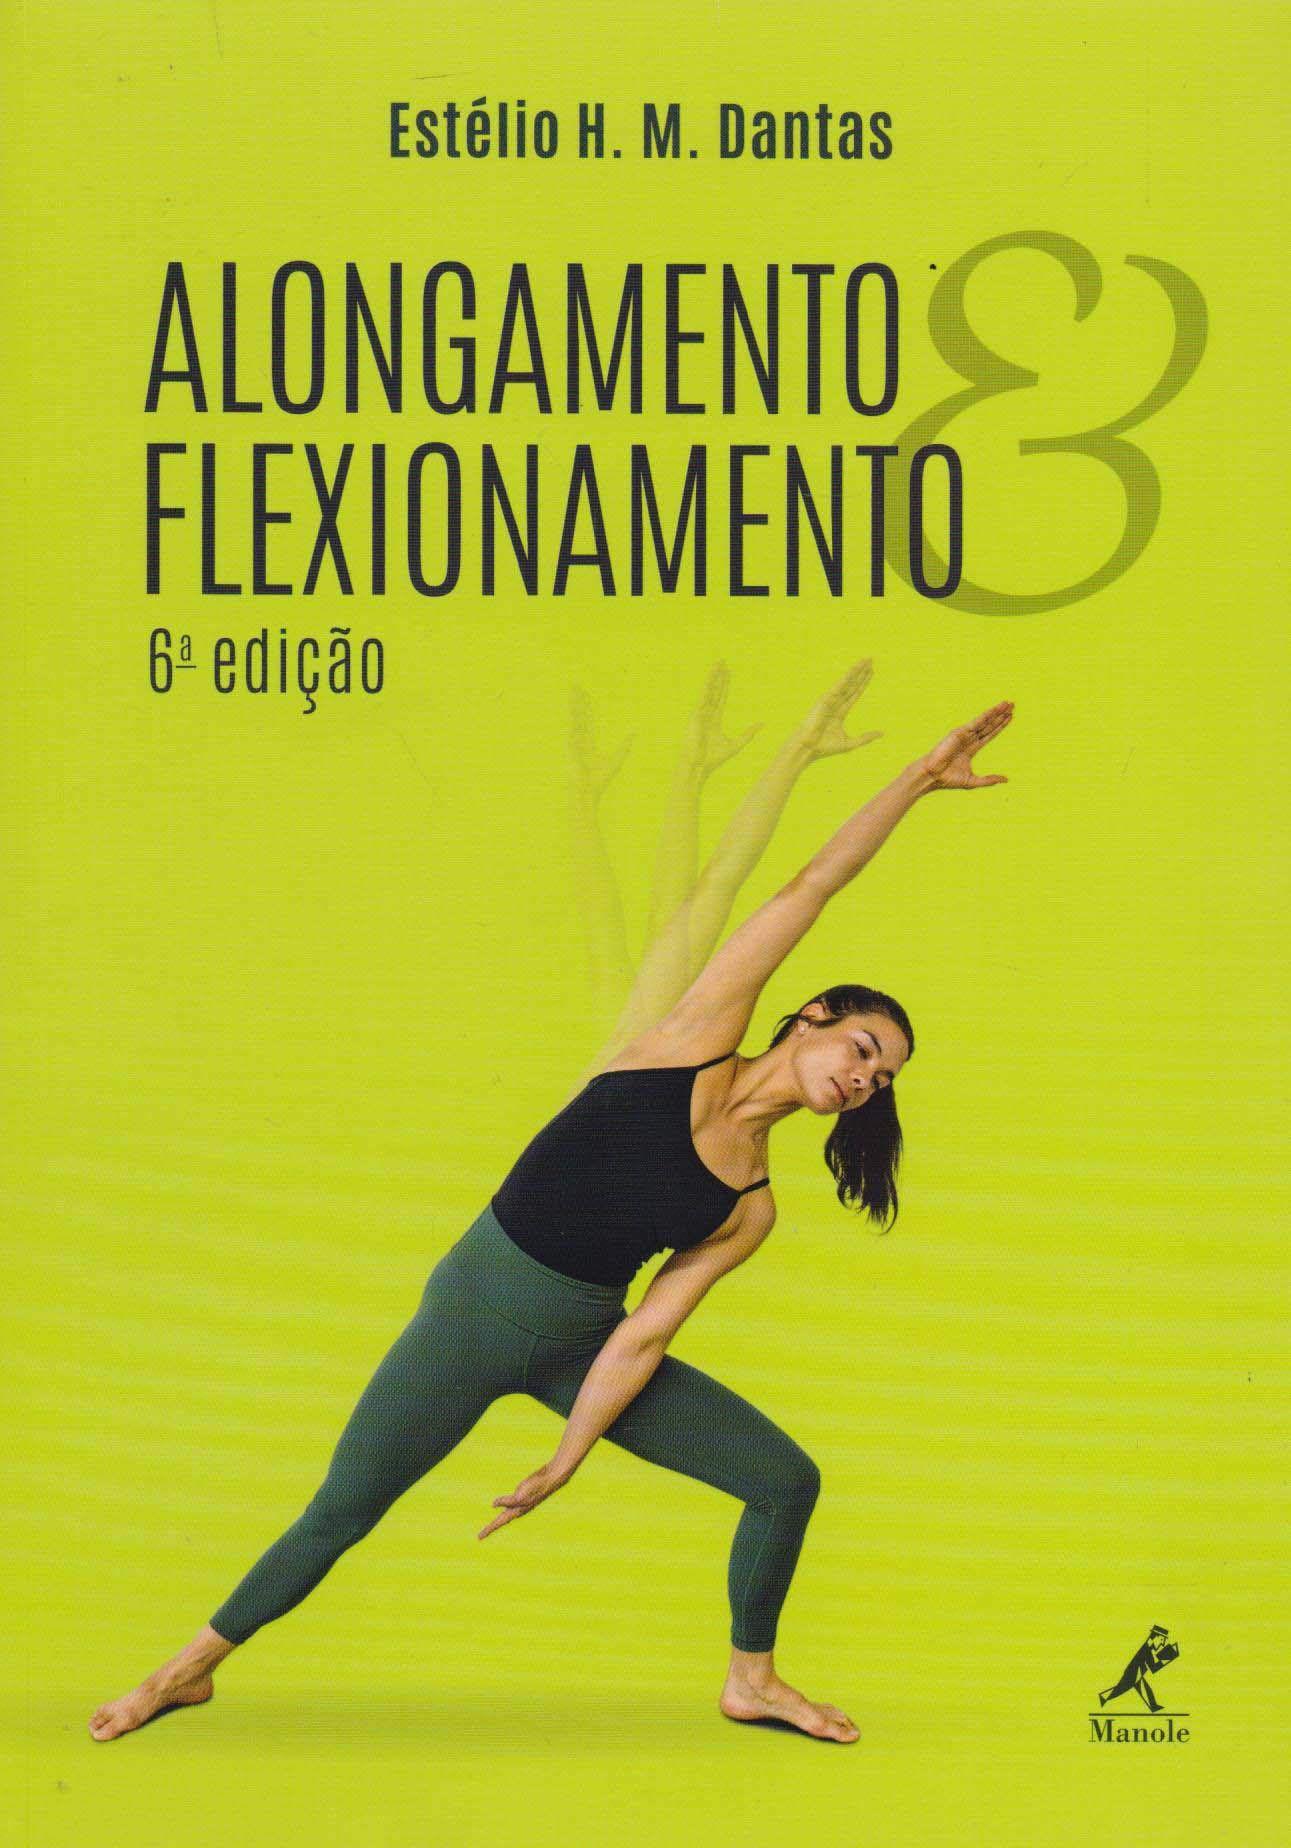 Livro Alongamento E Flexionamento  - LIVRARIA ODONTOMEDI